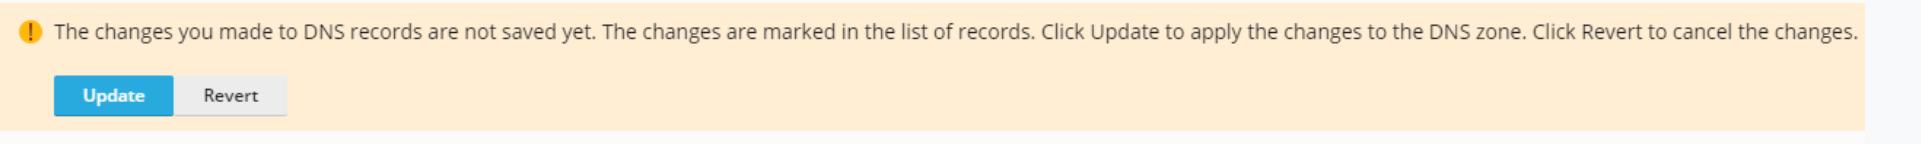 DNS zone update alert